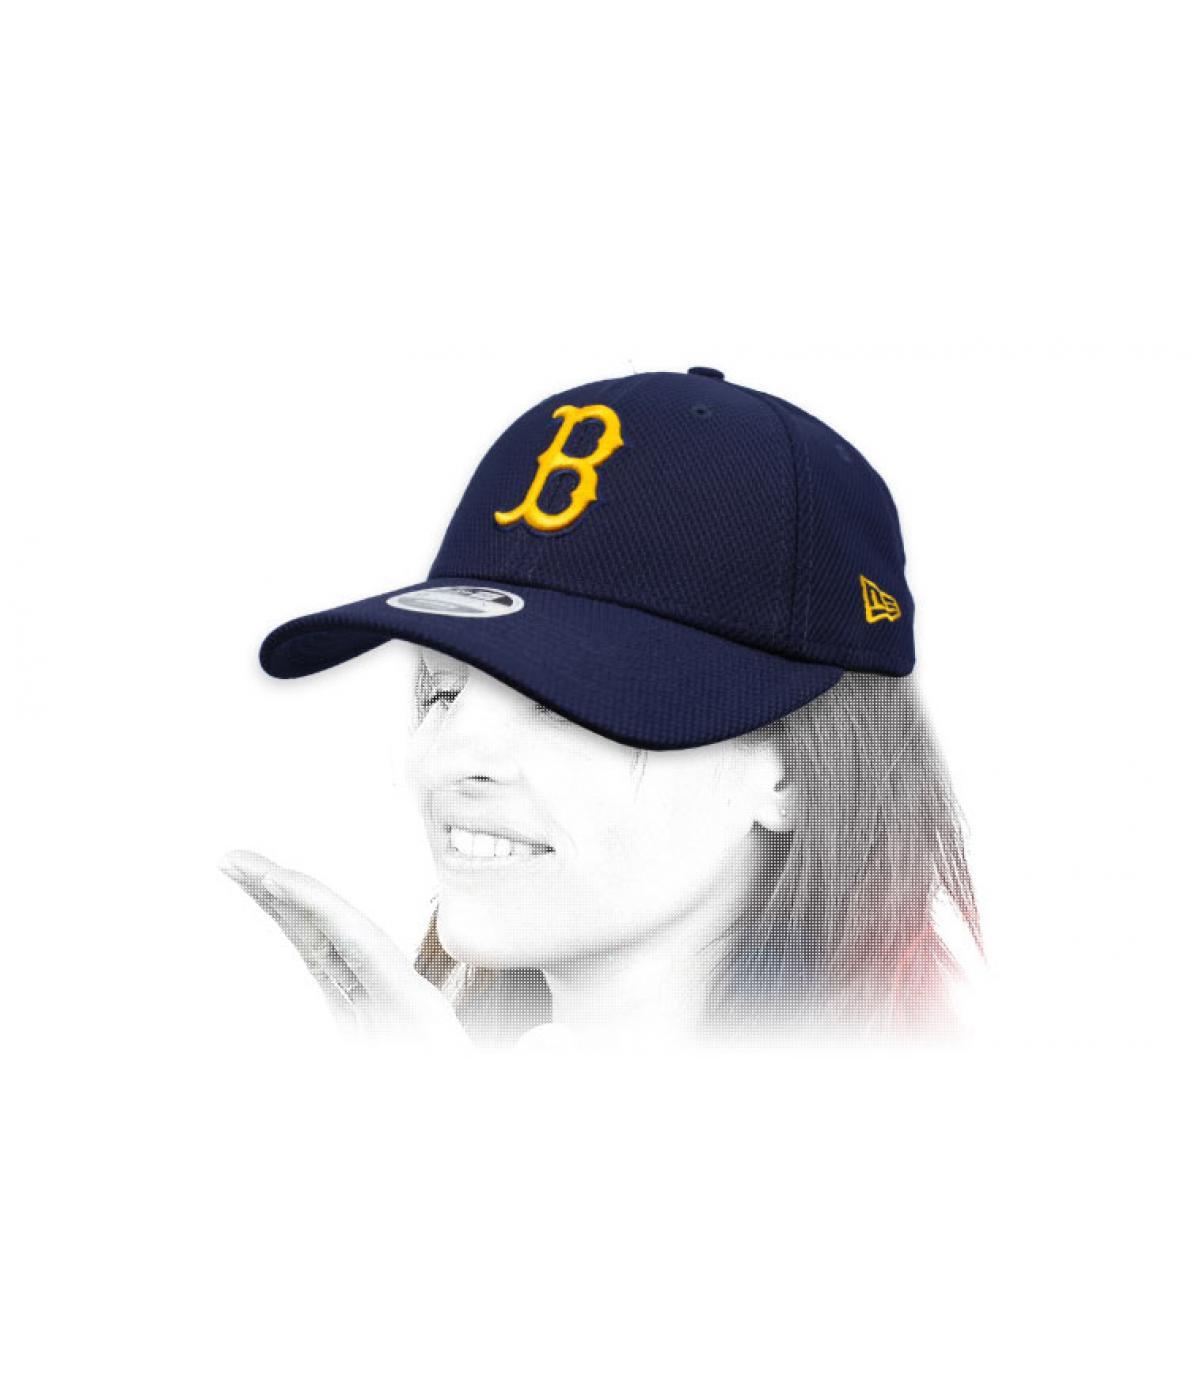 berretto B donna blu giallo